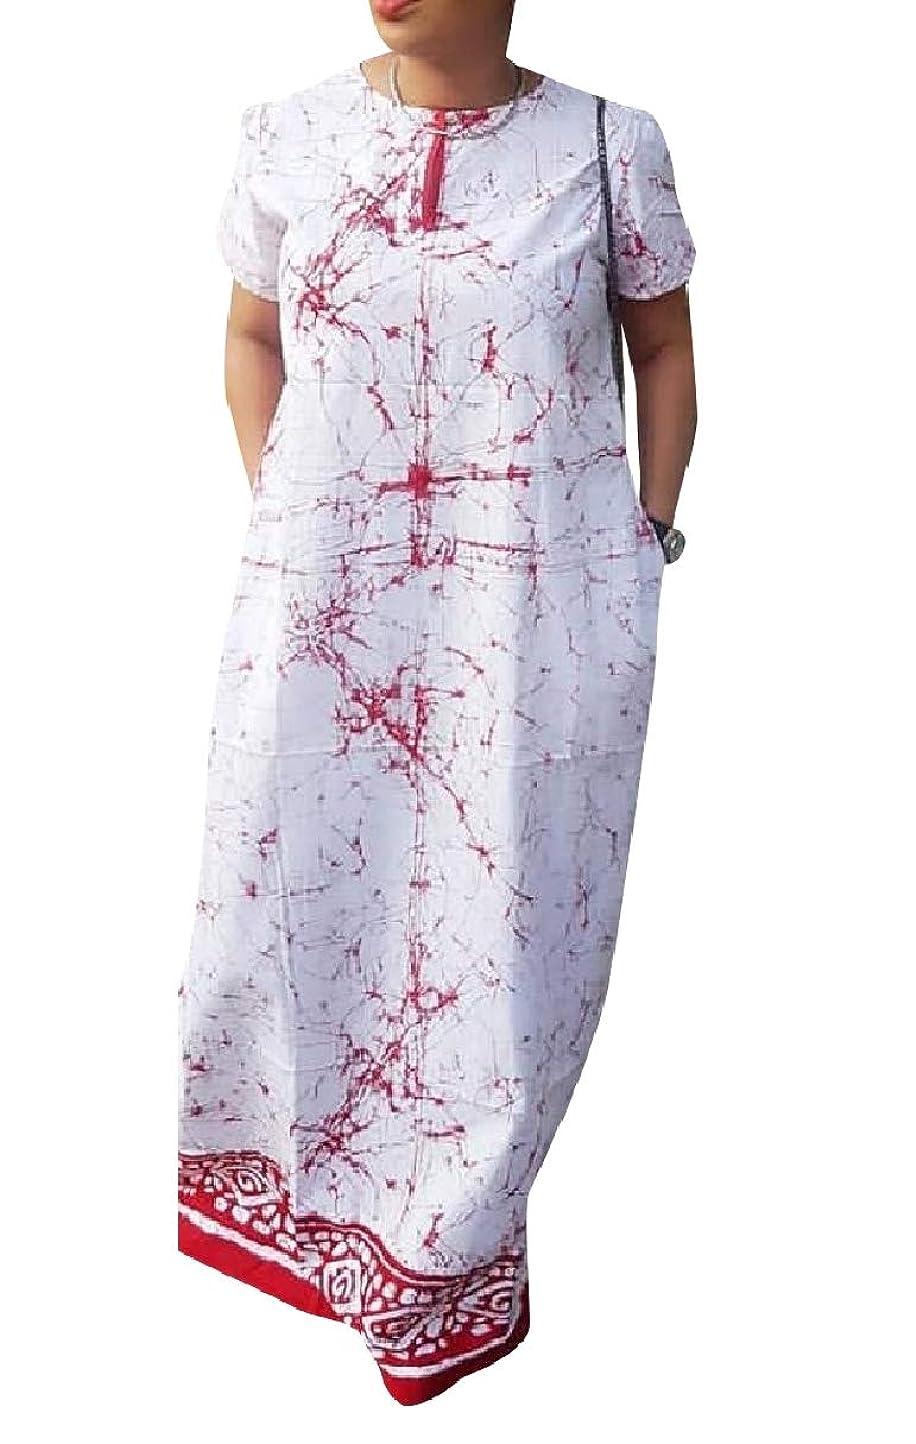 論文予想するすみませんGodeyesW 女性タイ染め半袖アフリカクルーネックフルレングスドレス